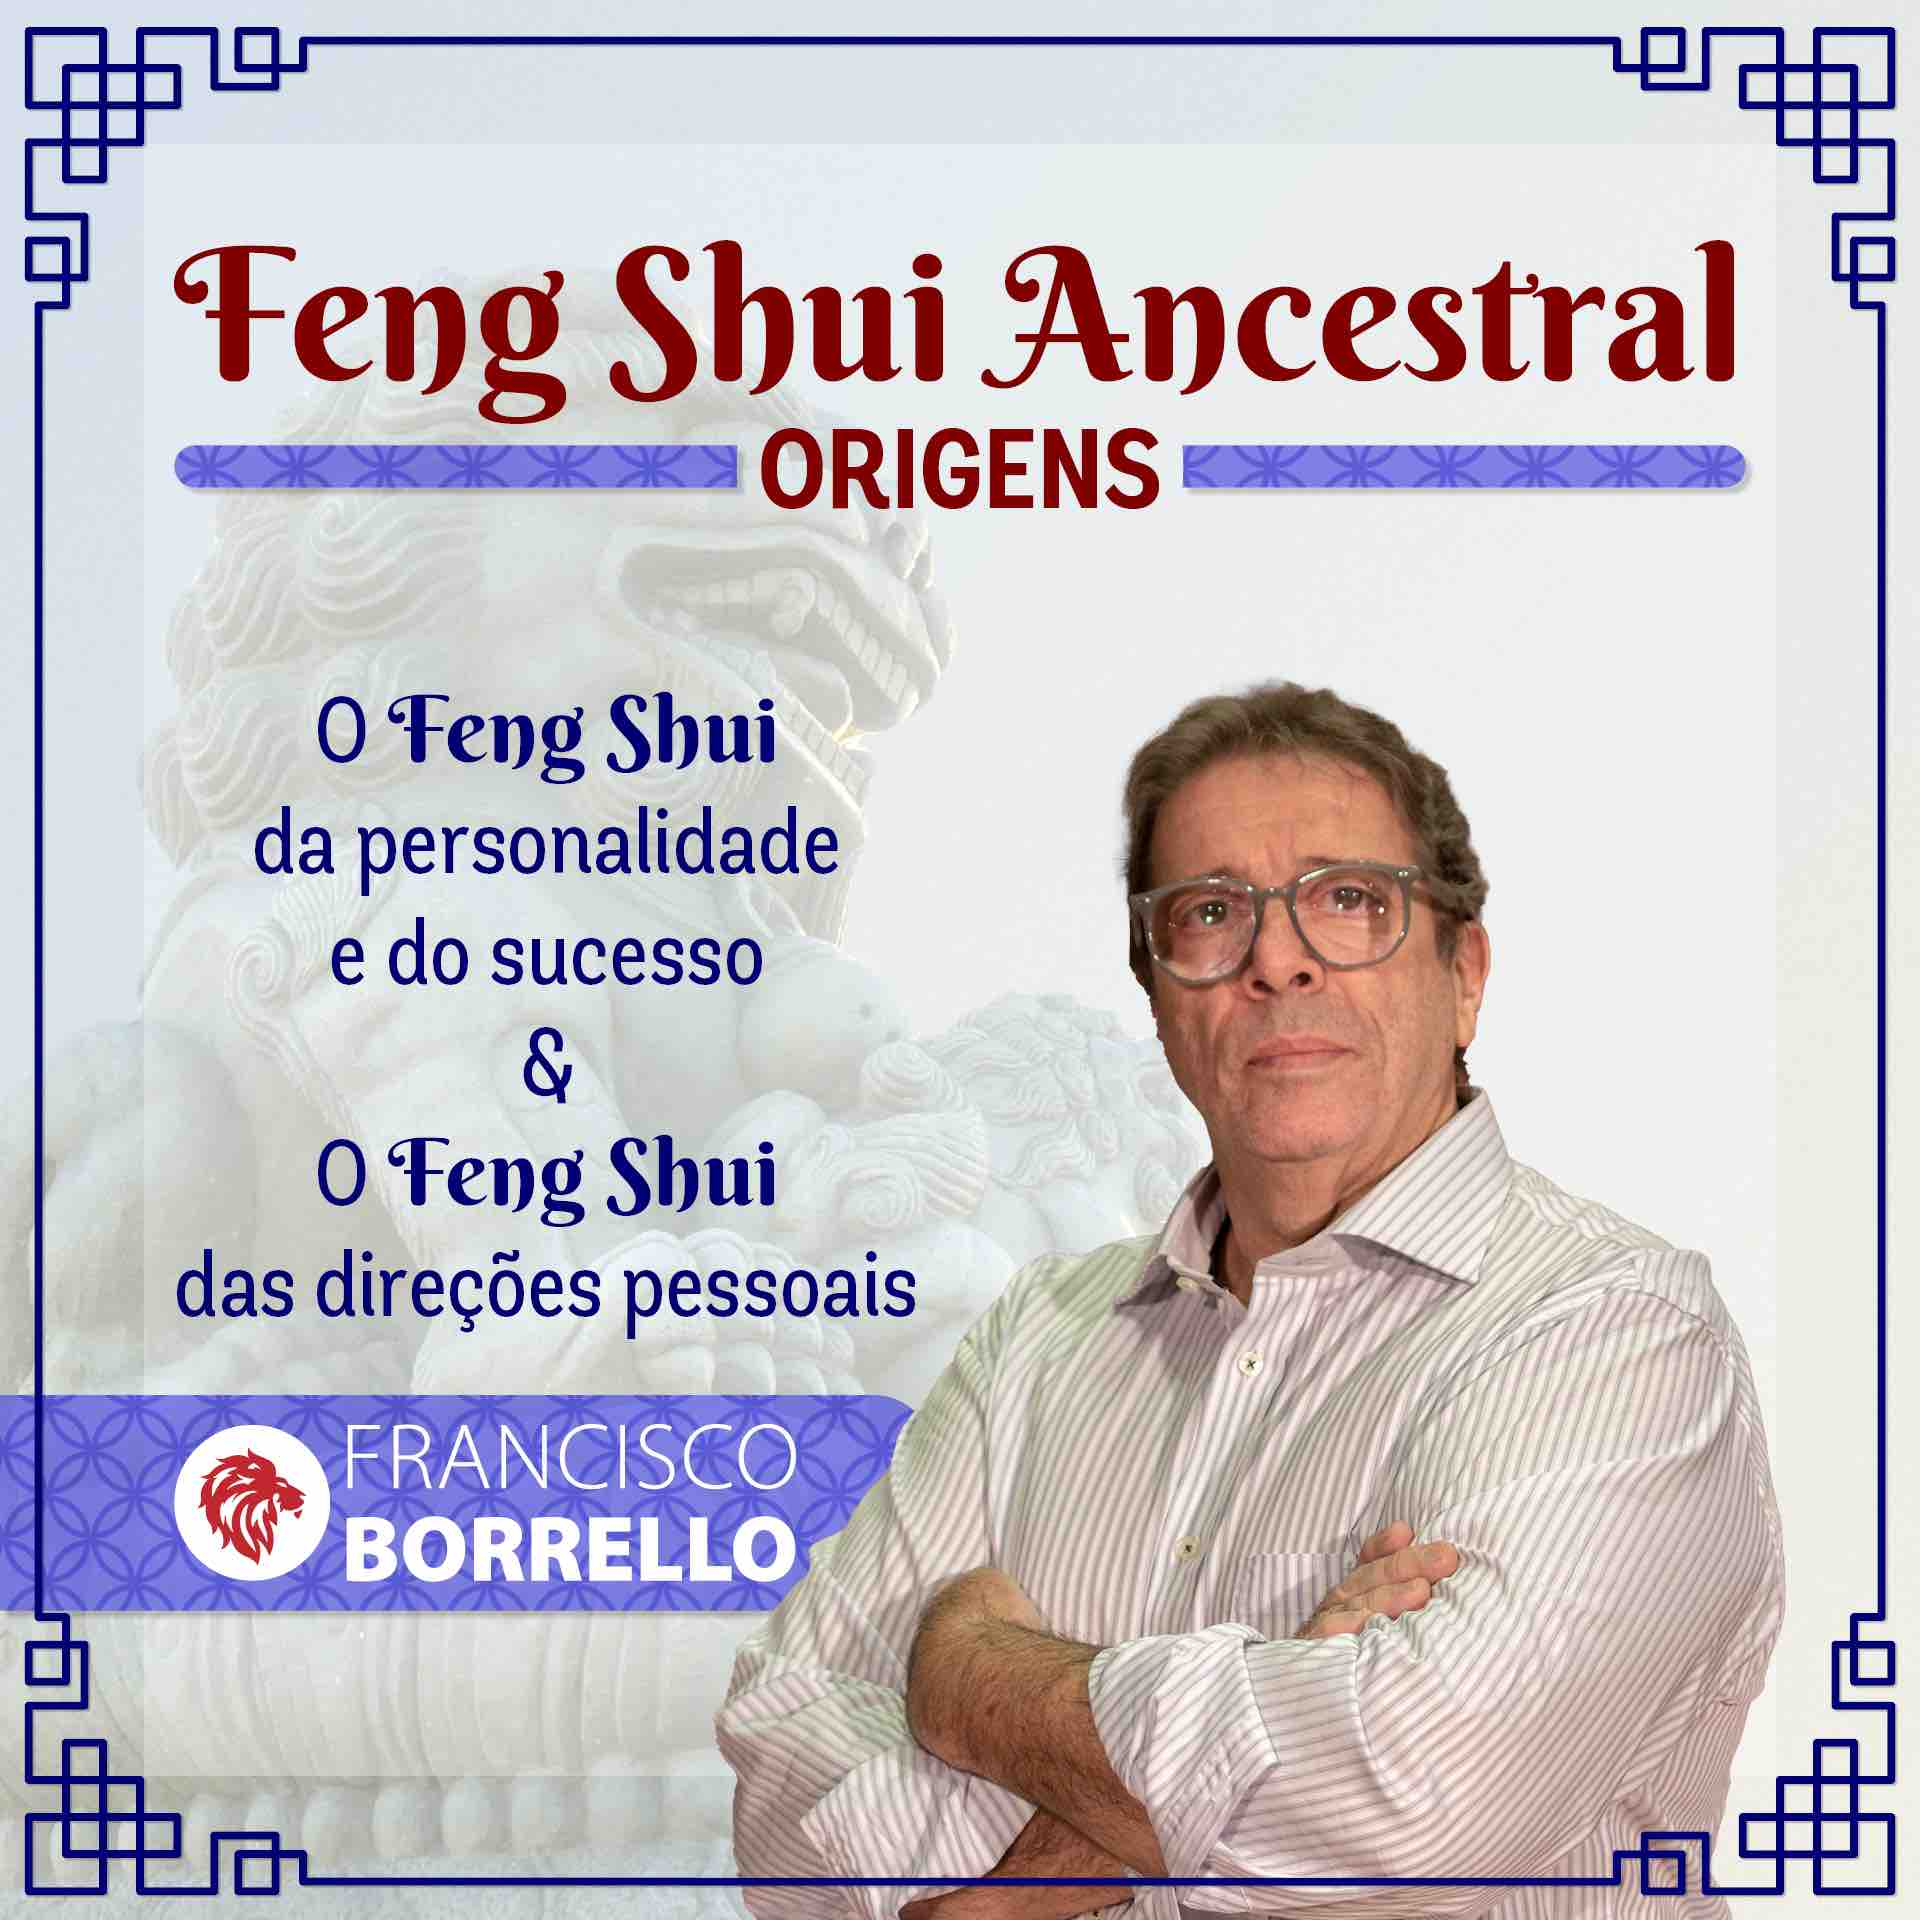 curso feng shui ancestral - origens francisco borrello